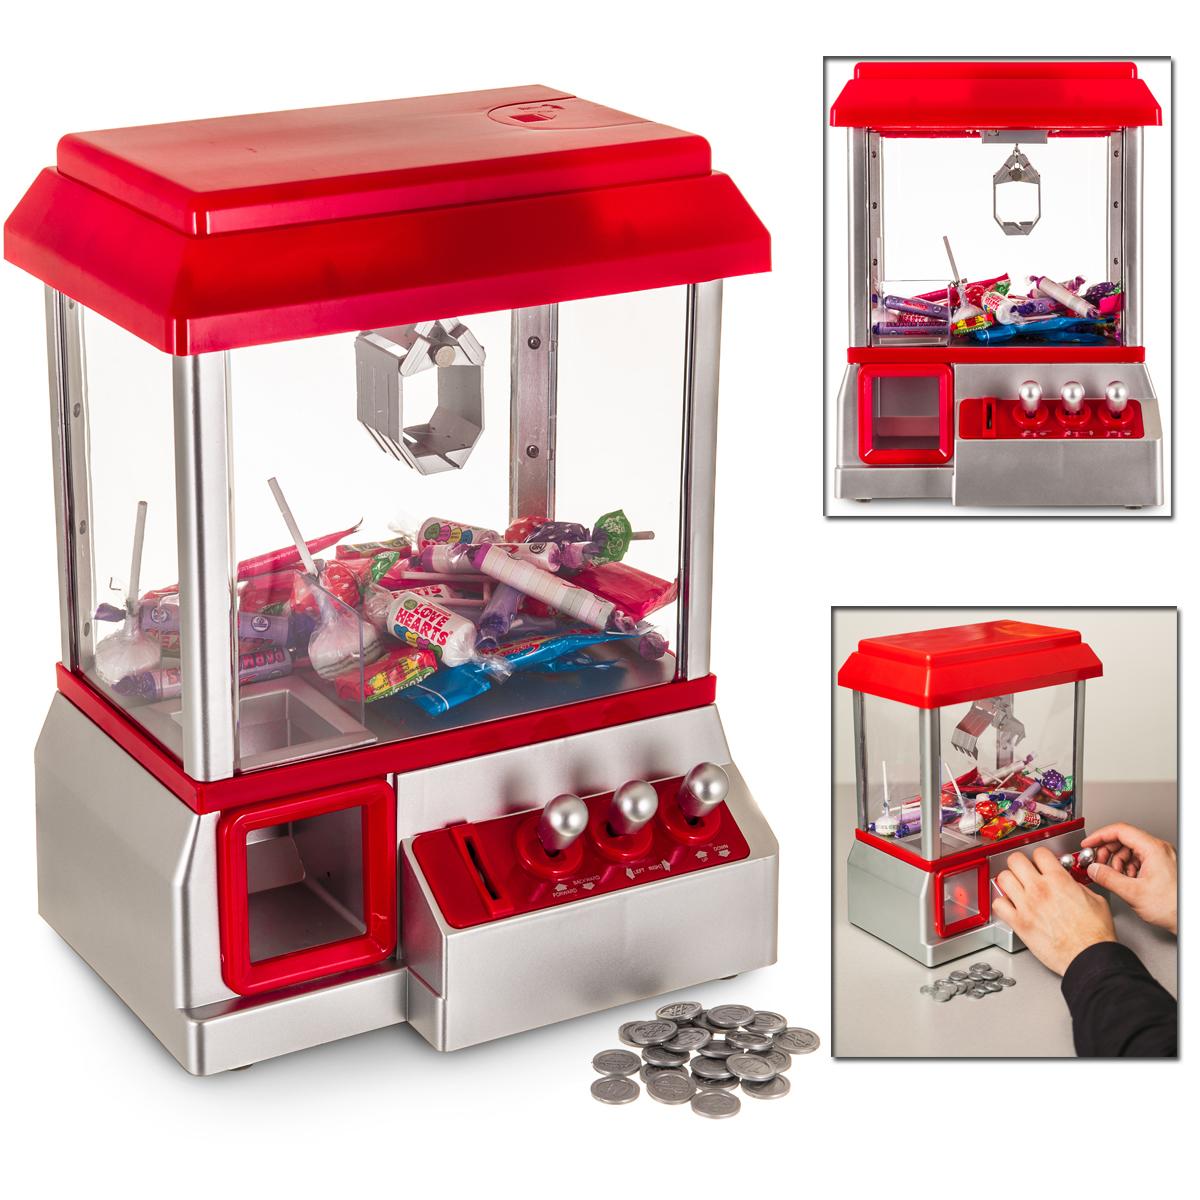 Toy Claw Machine Game : Arcade candy grabber machine toy claw game kids fun crane